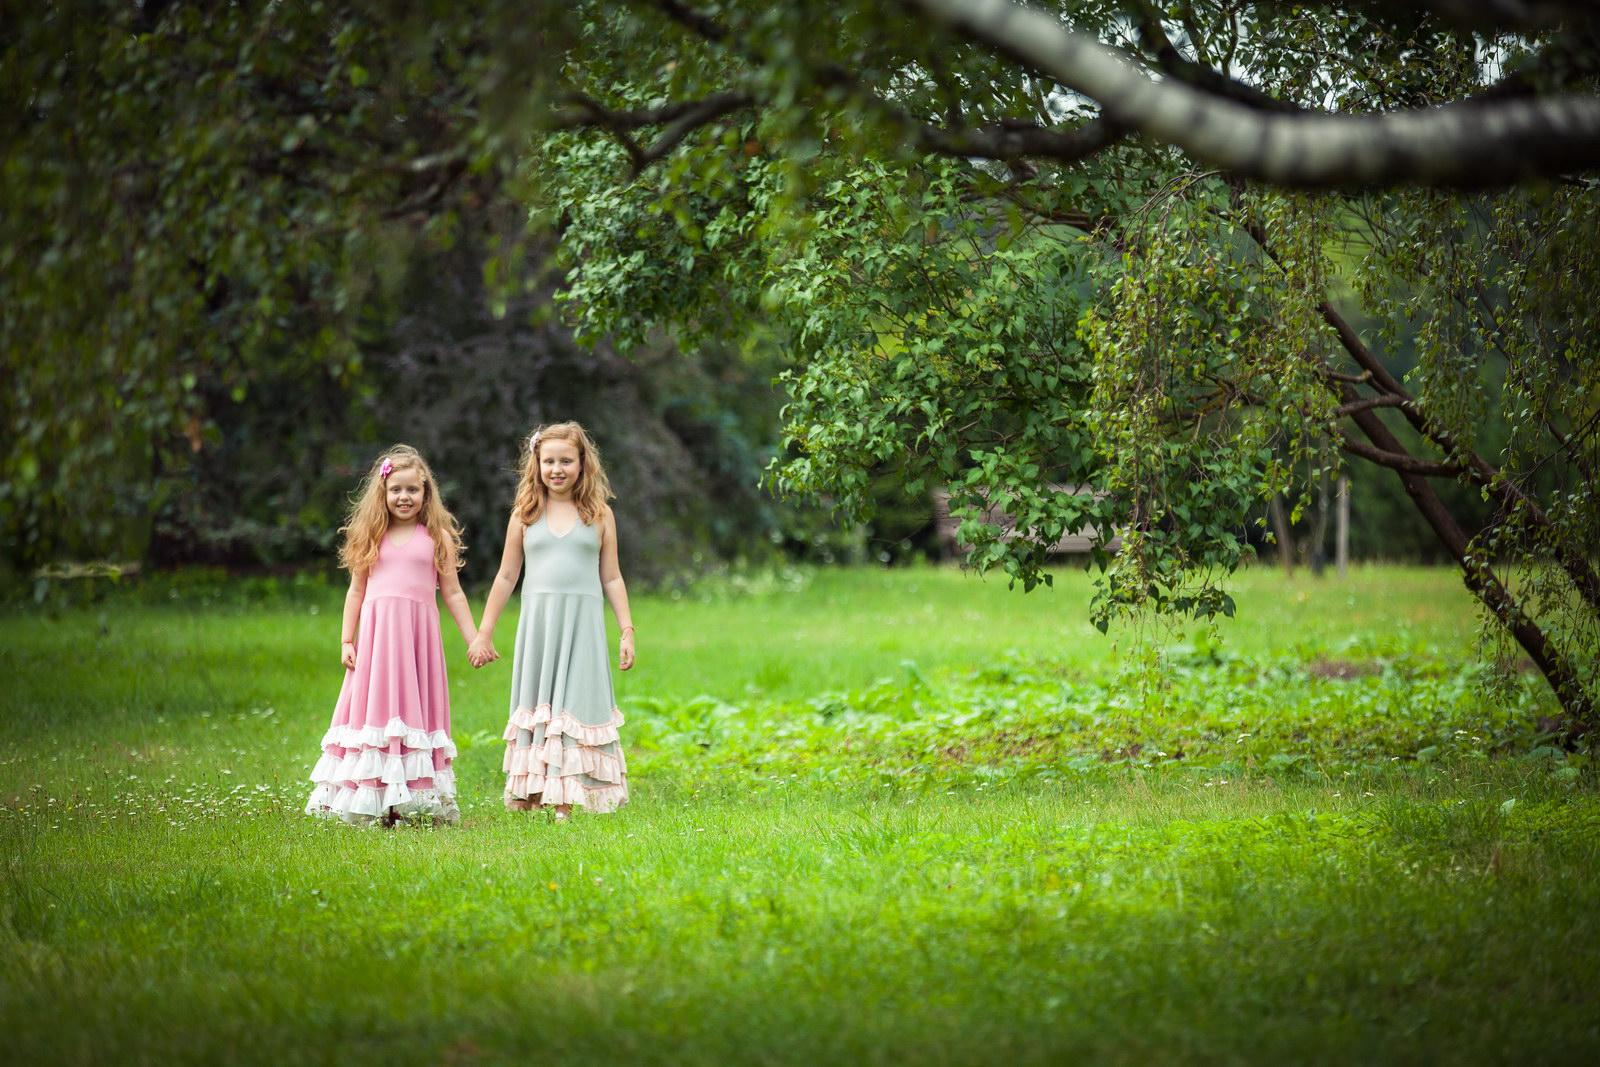 Позы для фото на природе с ребенком идеи